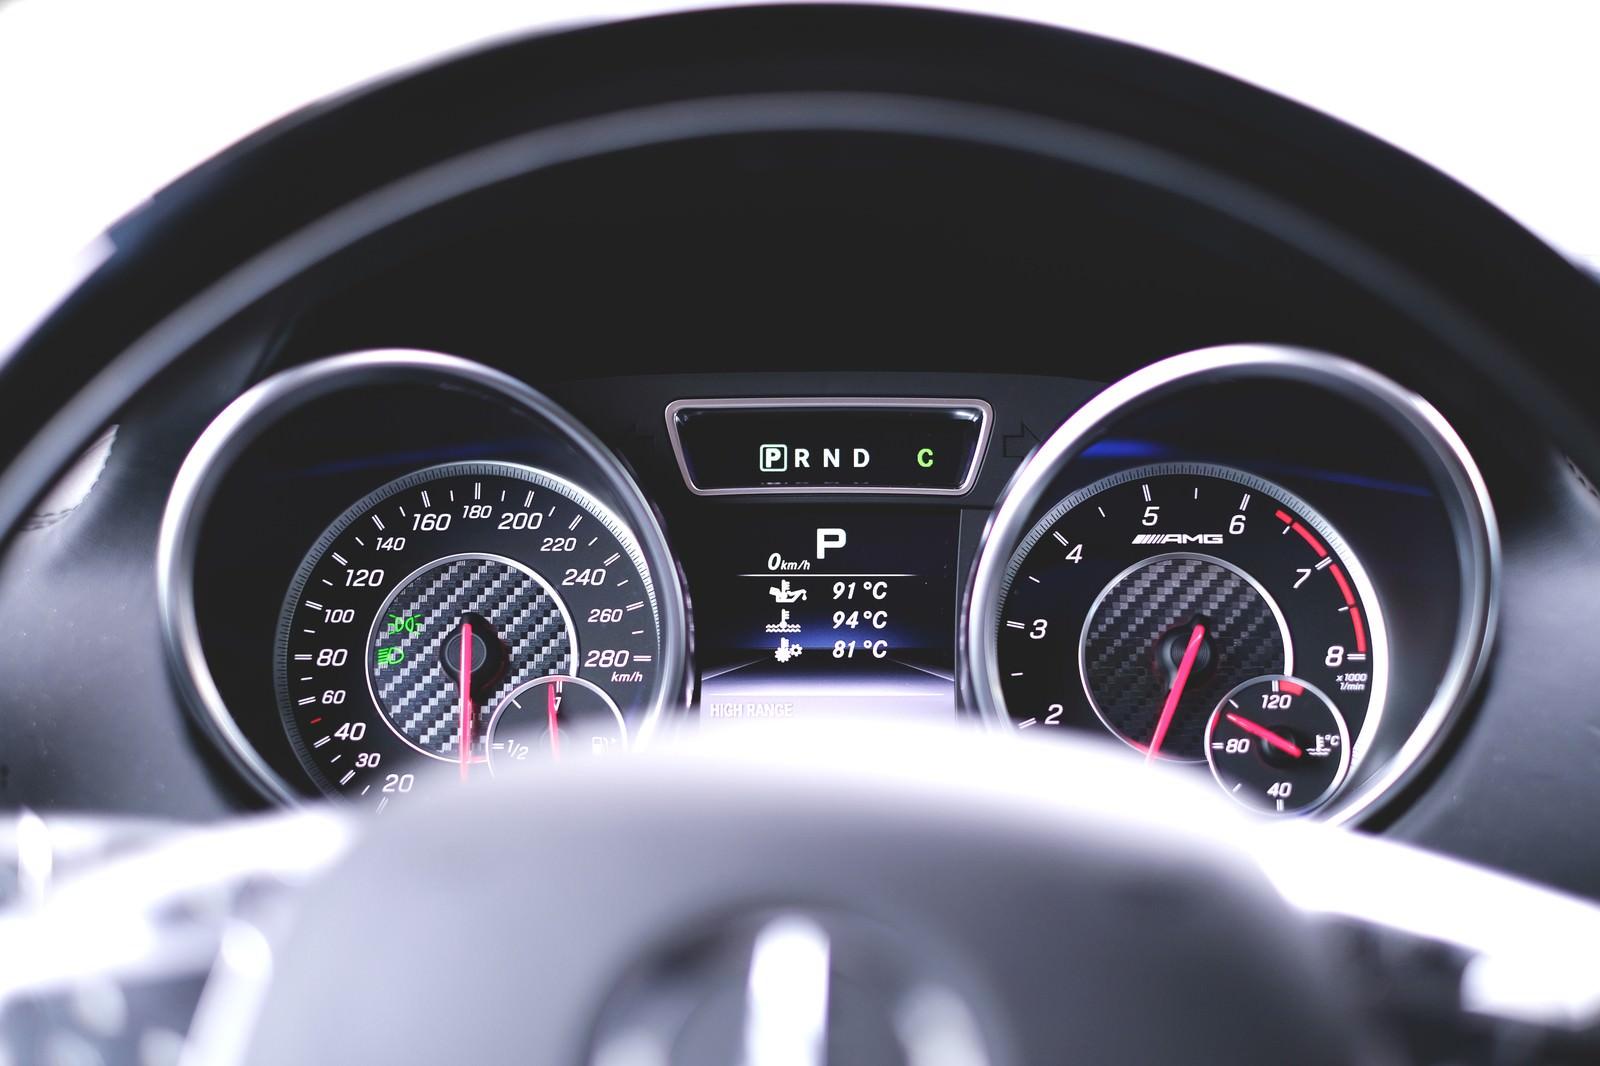 日本或20年后普及氢燃料汽车续航里程1000公里